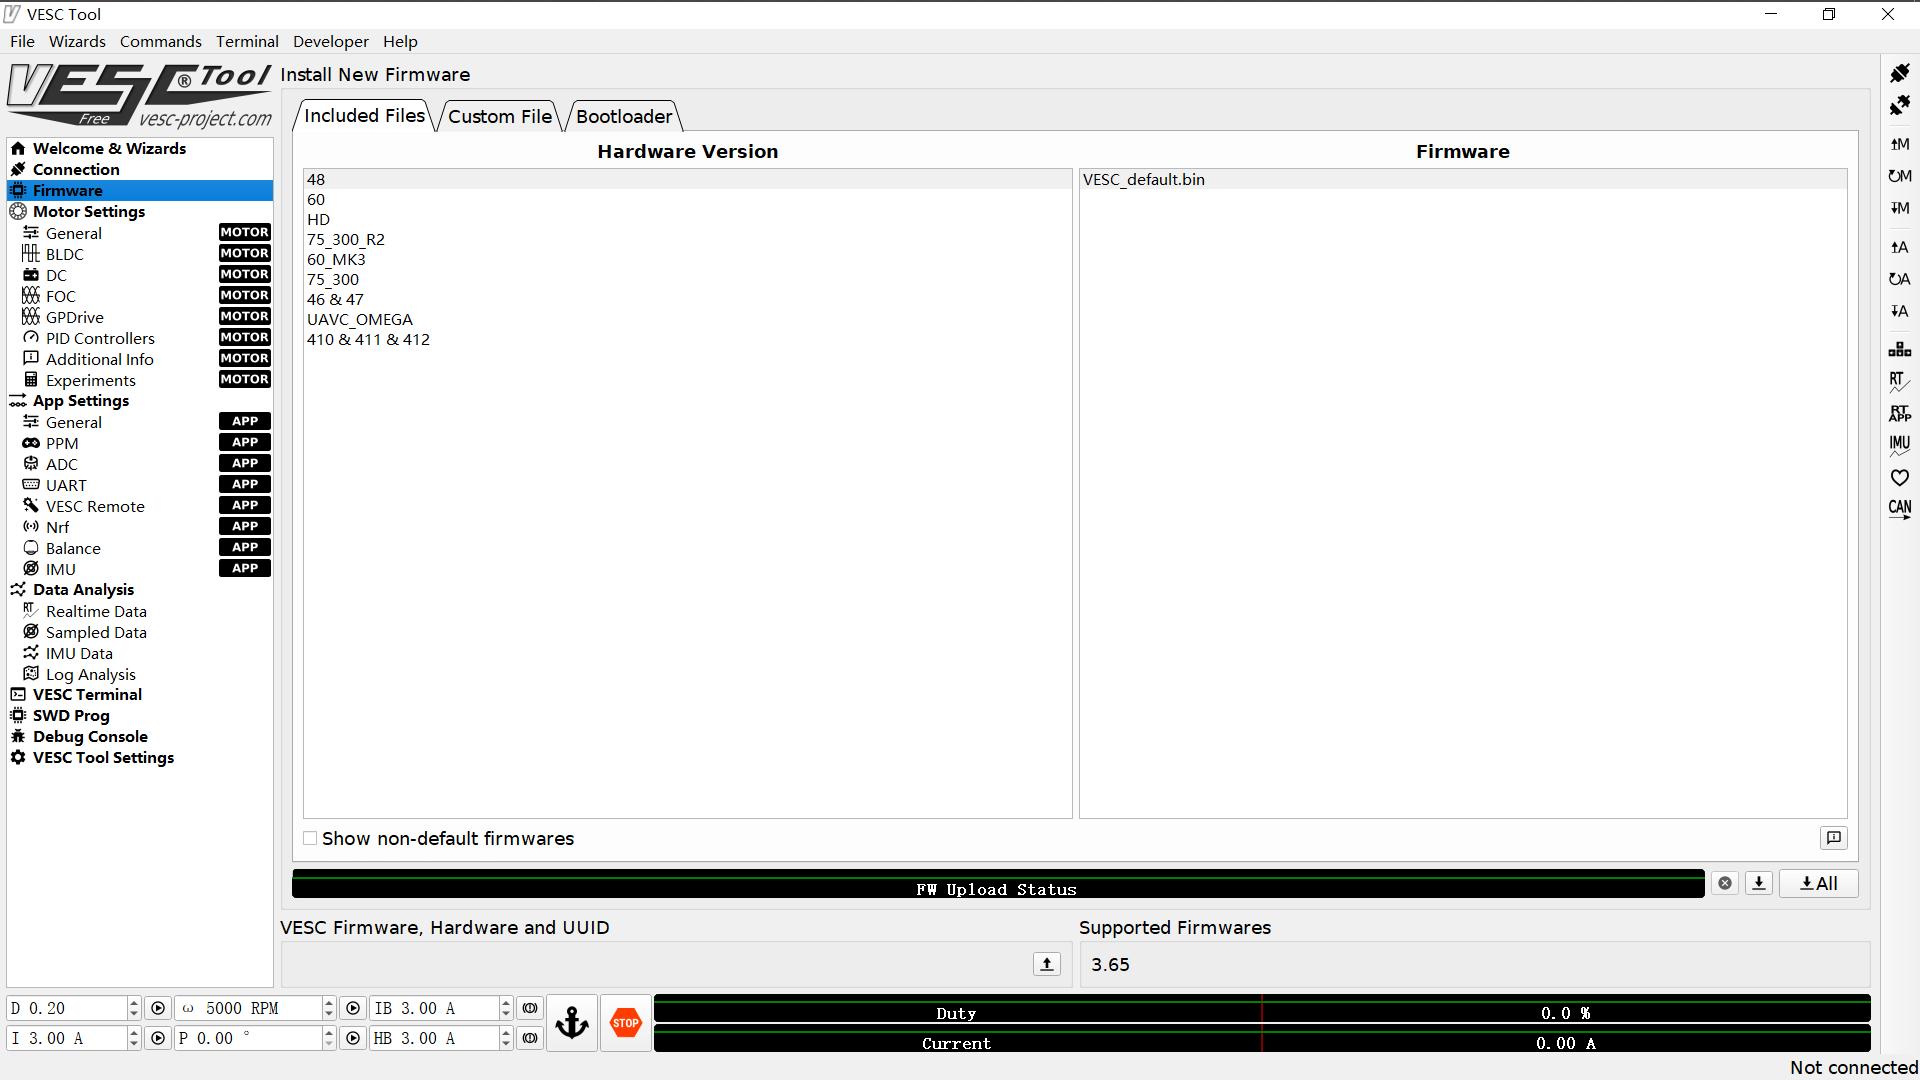 How to Downgrade VESC Firmware